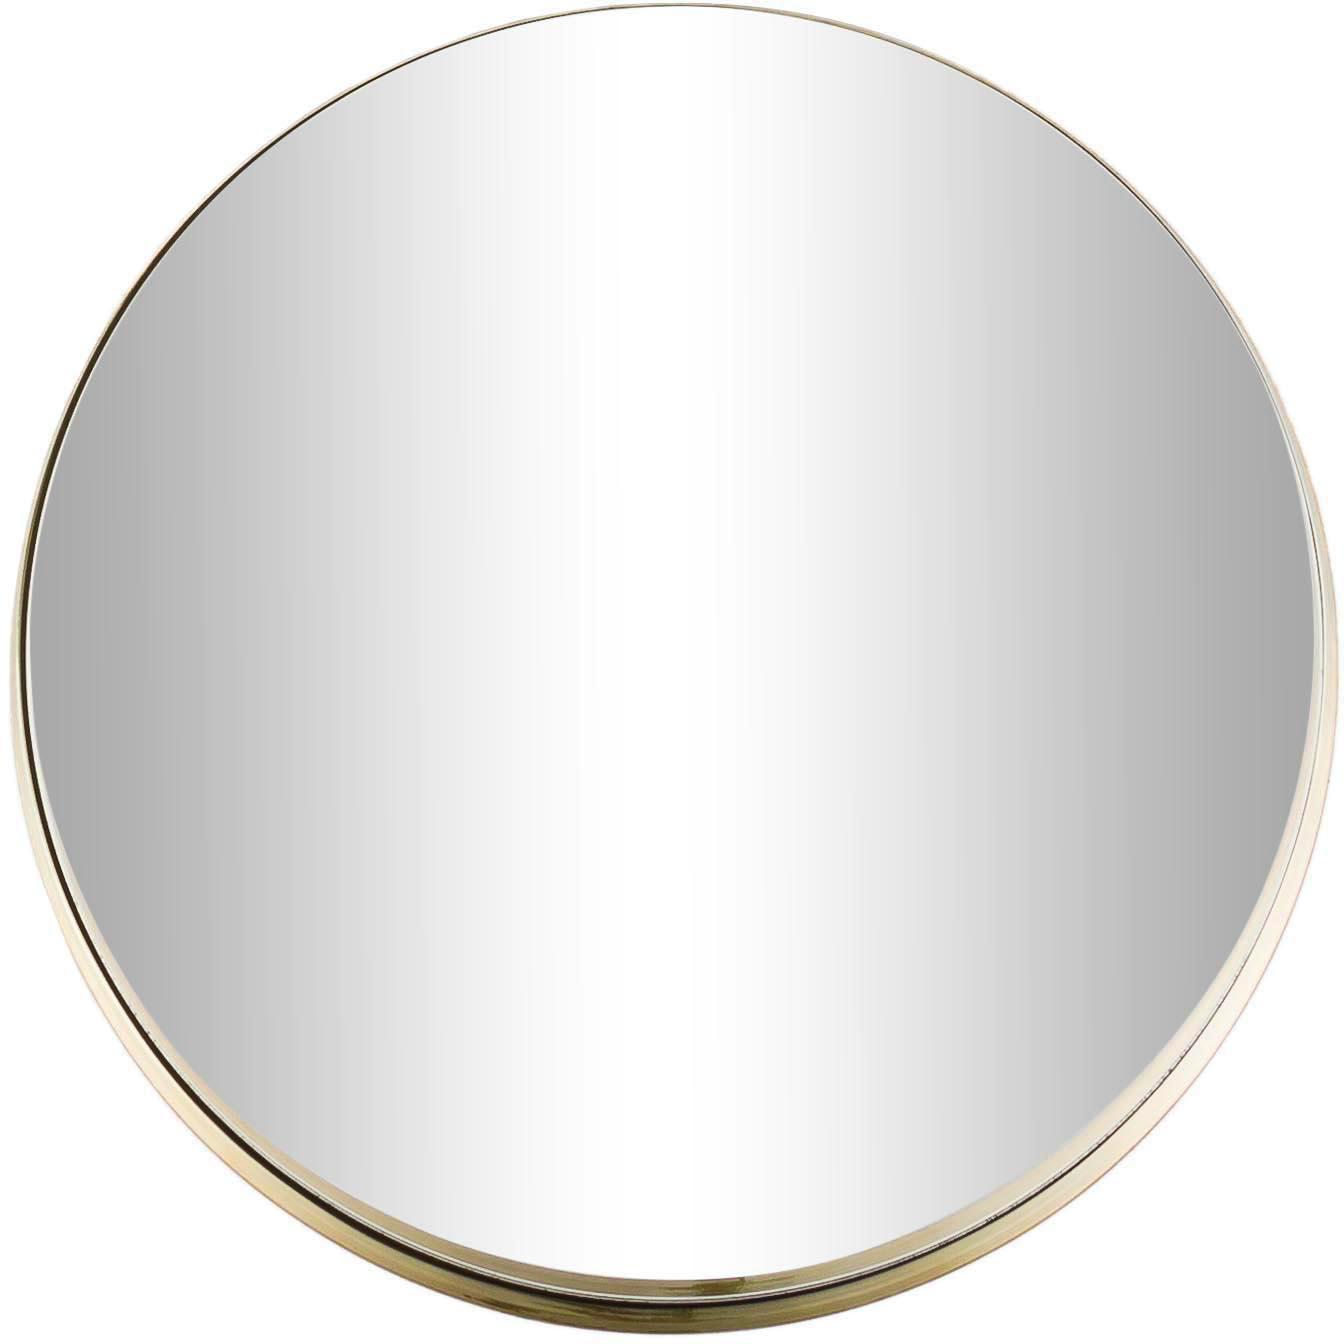 Ronde wandspiegel Metal met goudkleurige lijst, Lijst: gelakt metaal, met bewust, Lijst: goudkleurig. Spiegelglas, Ø 51 cm